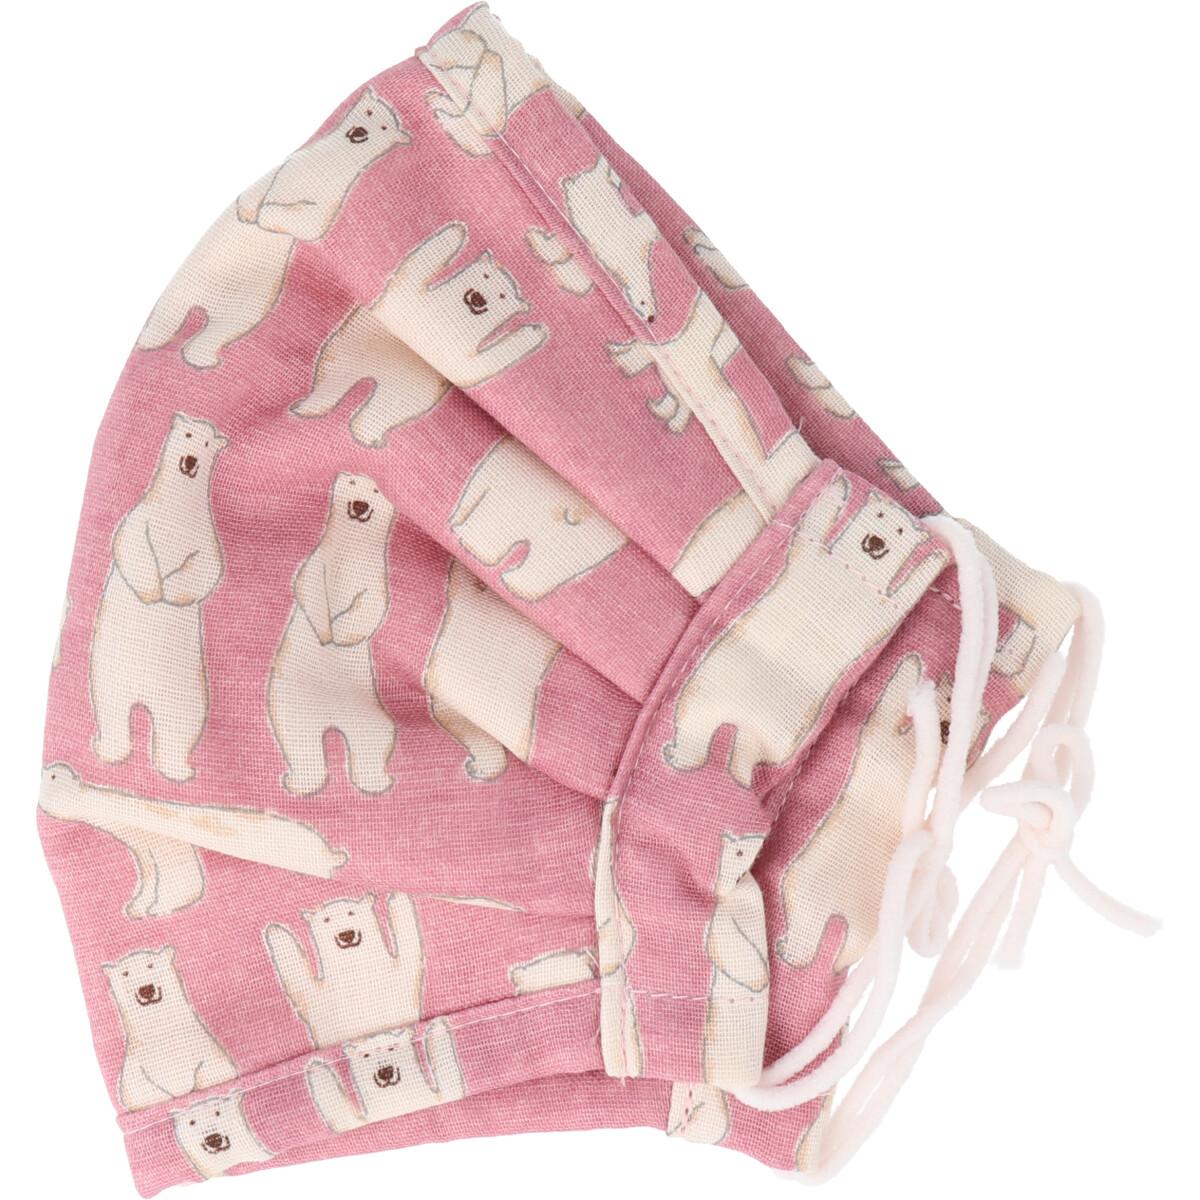 ふわふわマスク 今治産タオル 超敏感肌用 白くま ピンク ゆったり大きめサイズ 1枚入